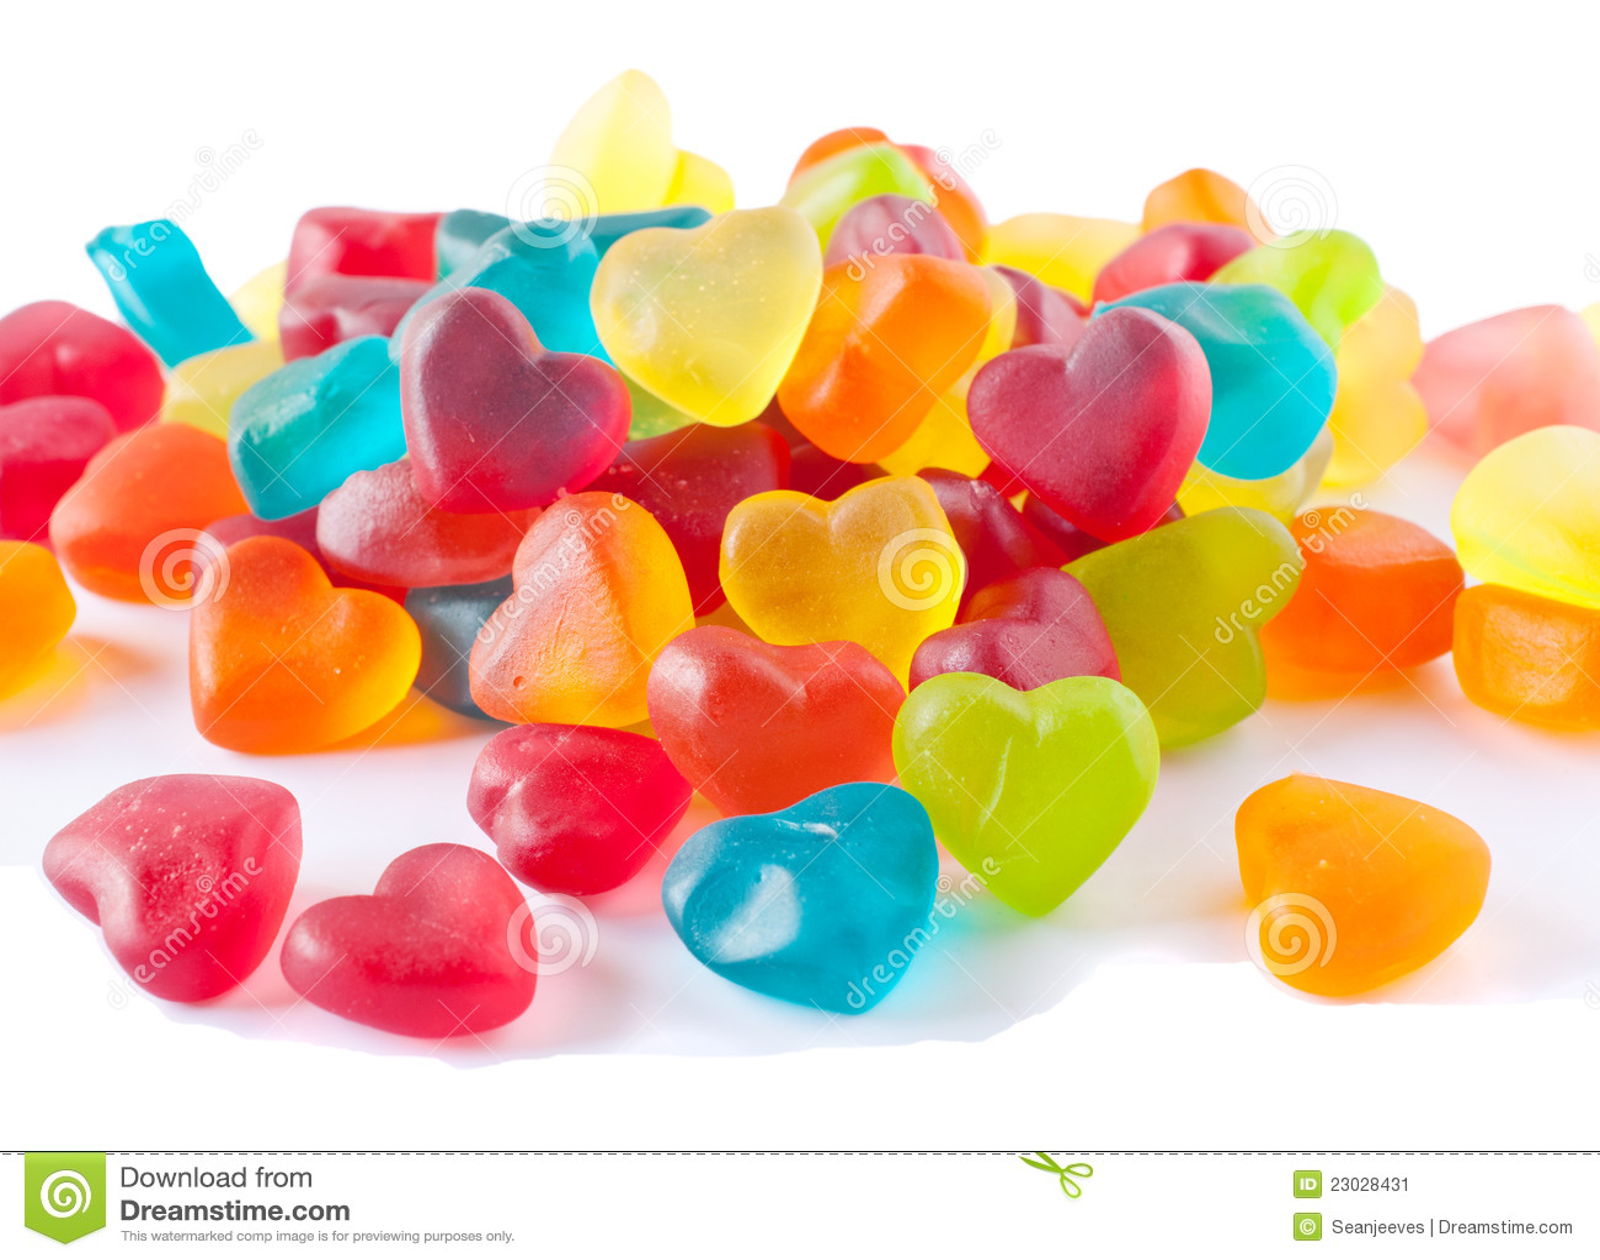 Caramelos En Forma De Corazn Imagen de archivo Imagen de corazn